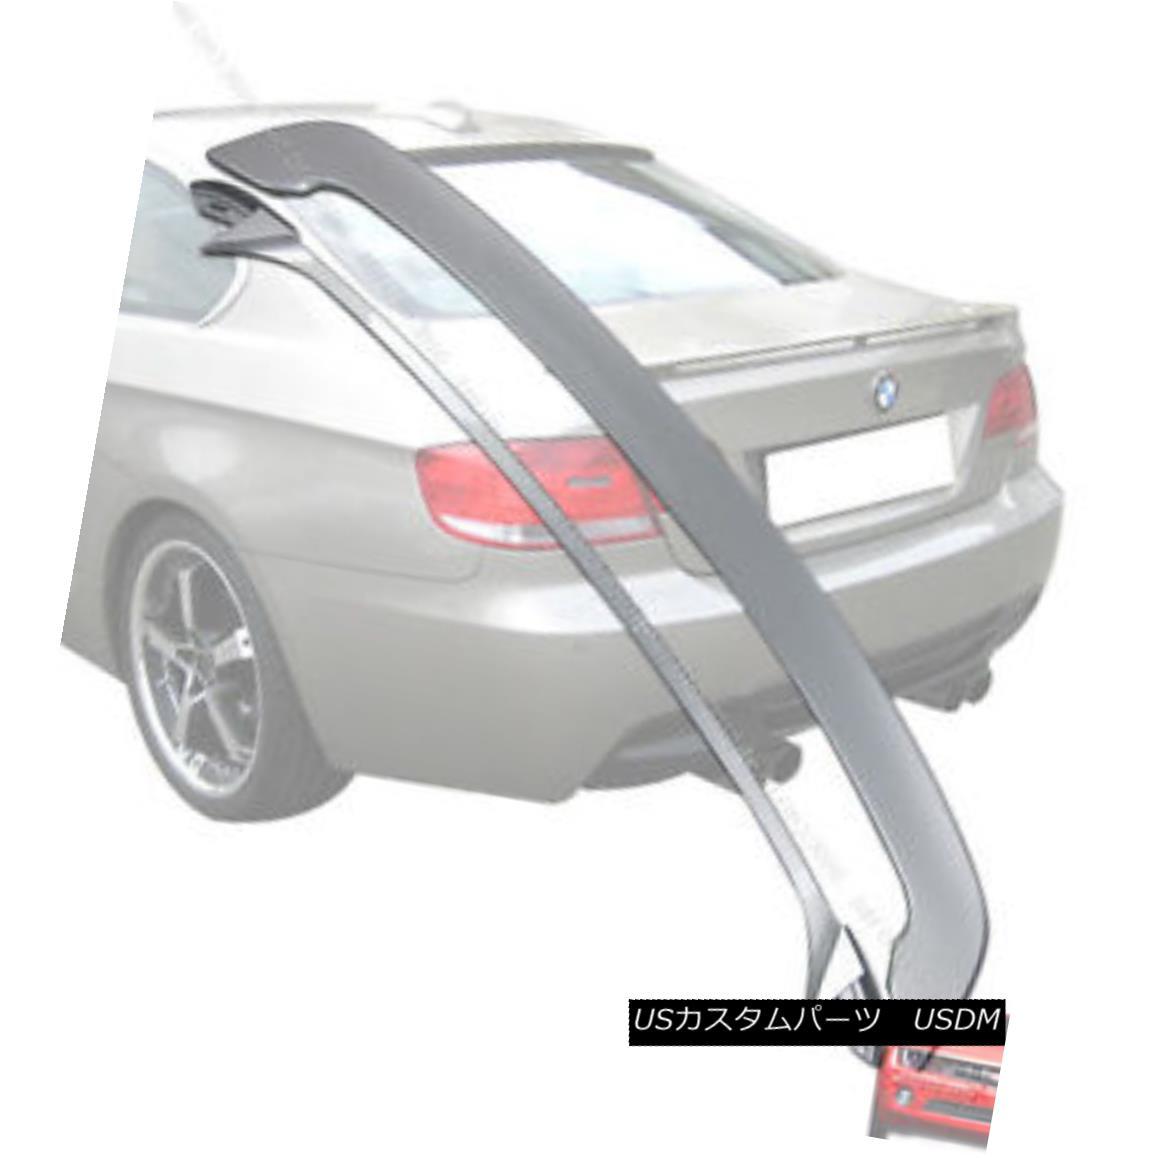 エアロパーツ Painted E92 OE type 3-Series BMW 07-13 Trunk Spoiler Rear Wing 354 § ペイントされたE92 OEタイプ3シリーズBMW 07-13トランクスポイラーリアウィング354